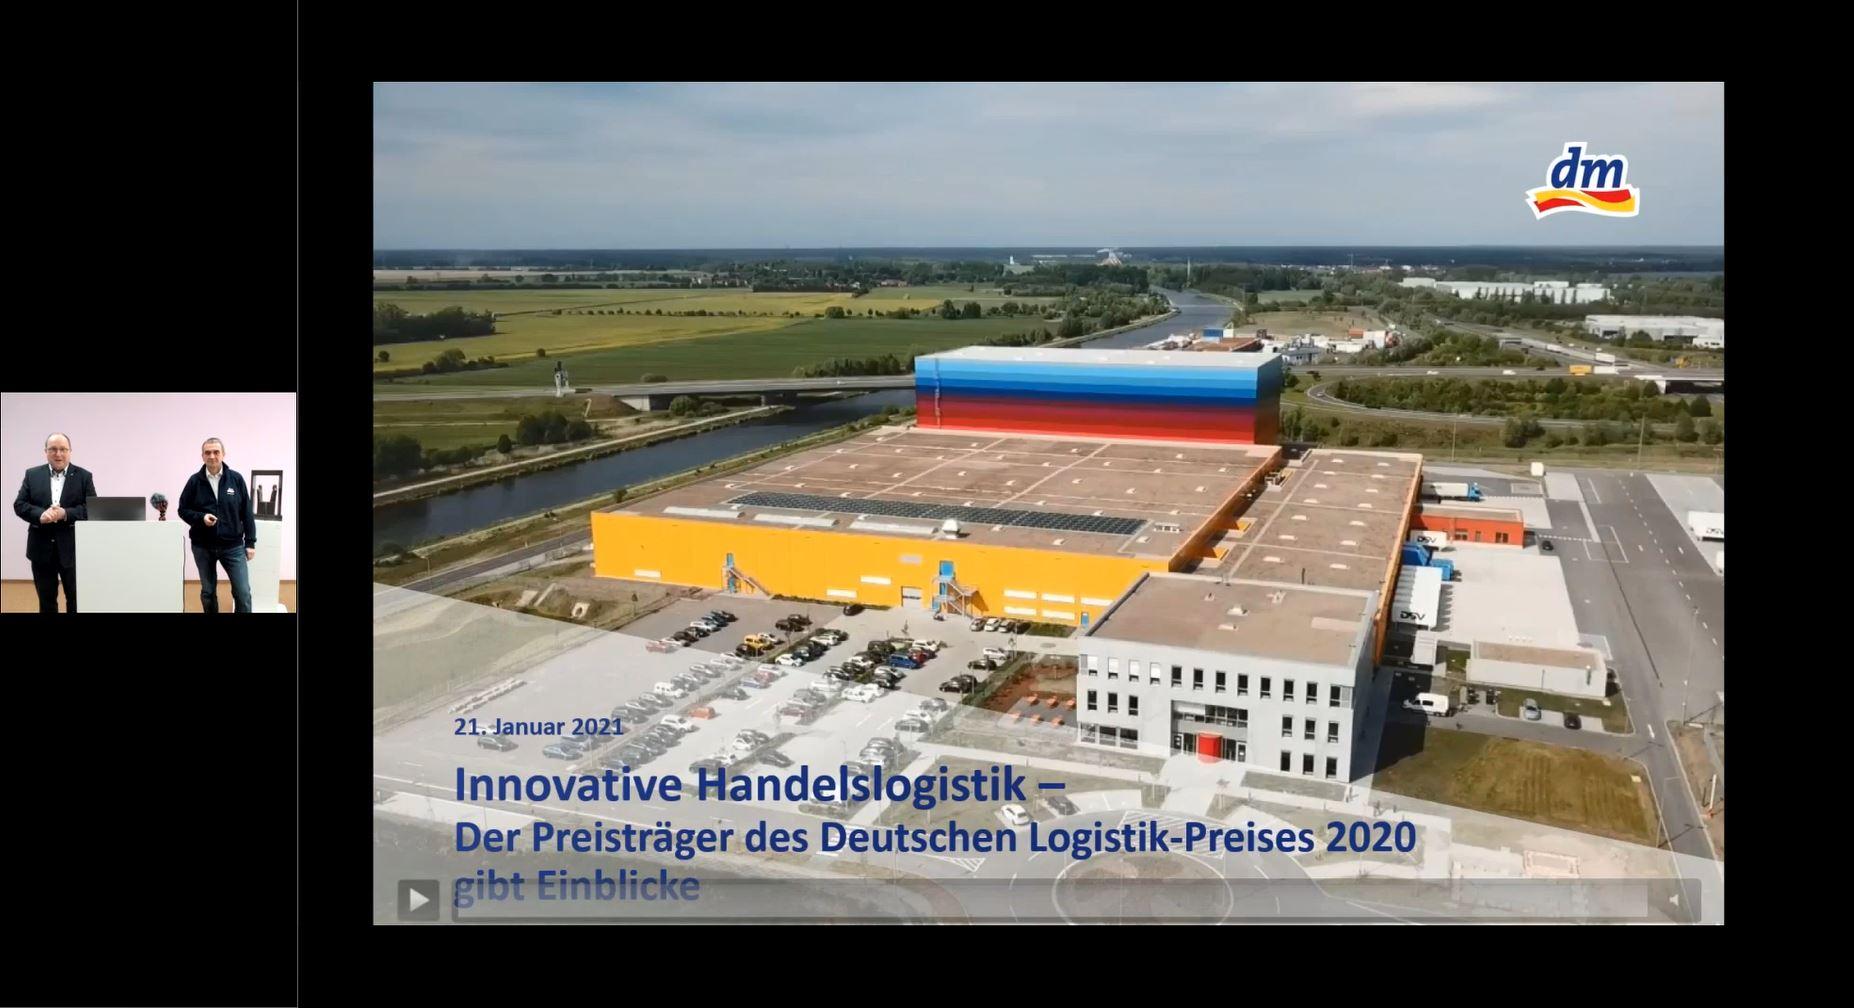 Innovative Handelslogistik – Der Preisträger des Deutschen Logistik-Preises 2020 gibt Einblicke